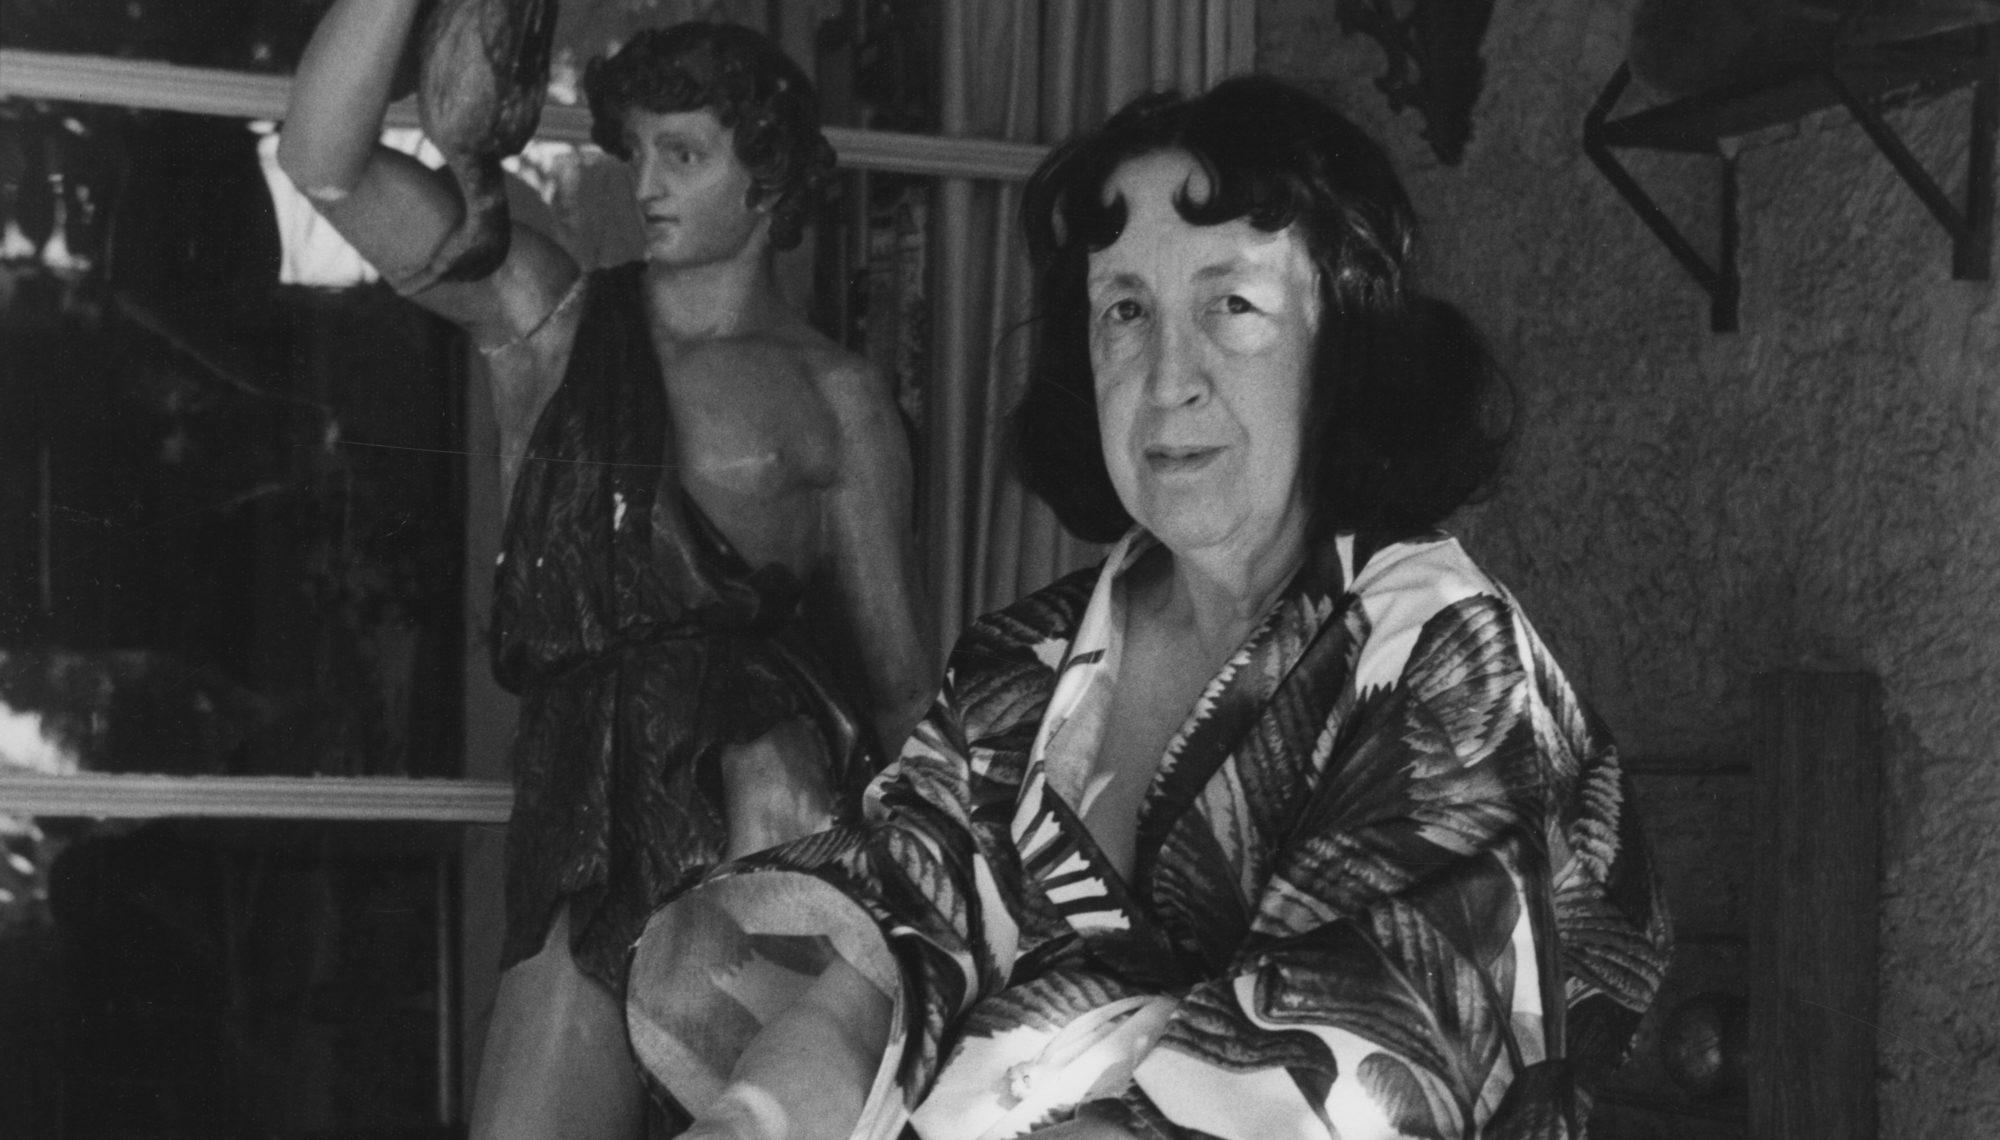 Marie-Laure de Noailles - François-Marie Banier